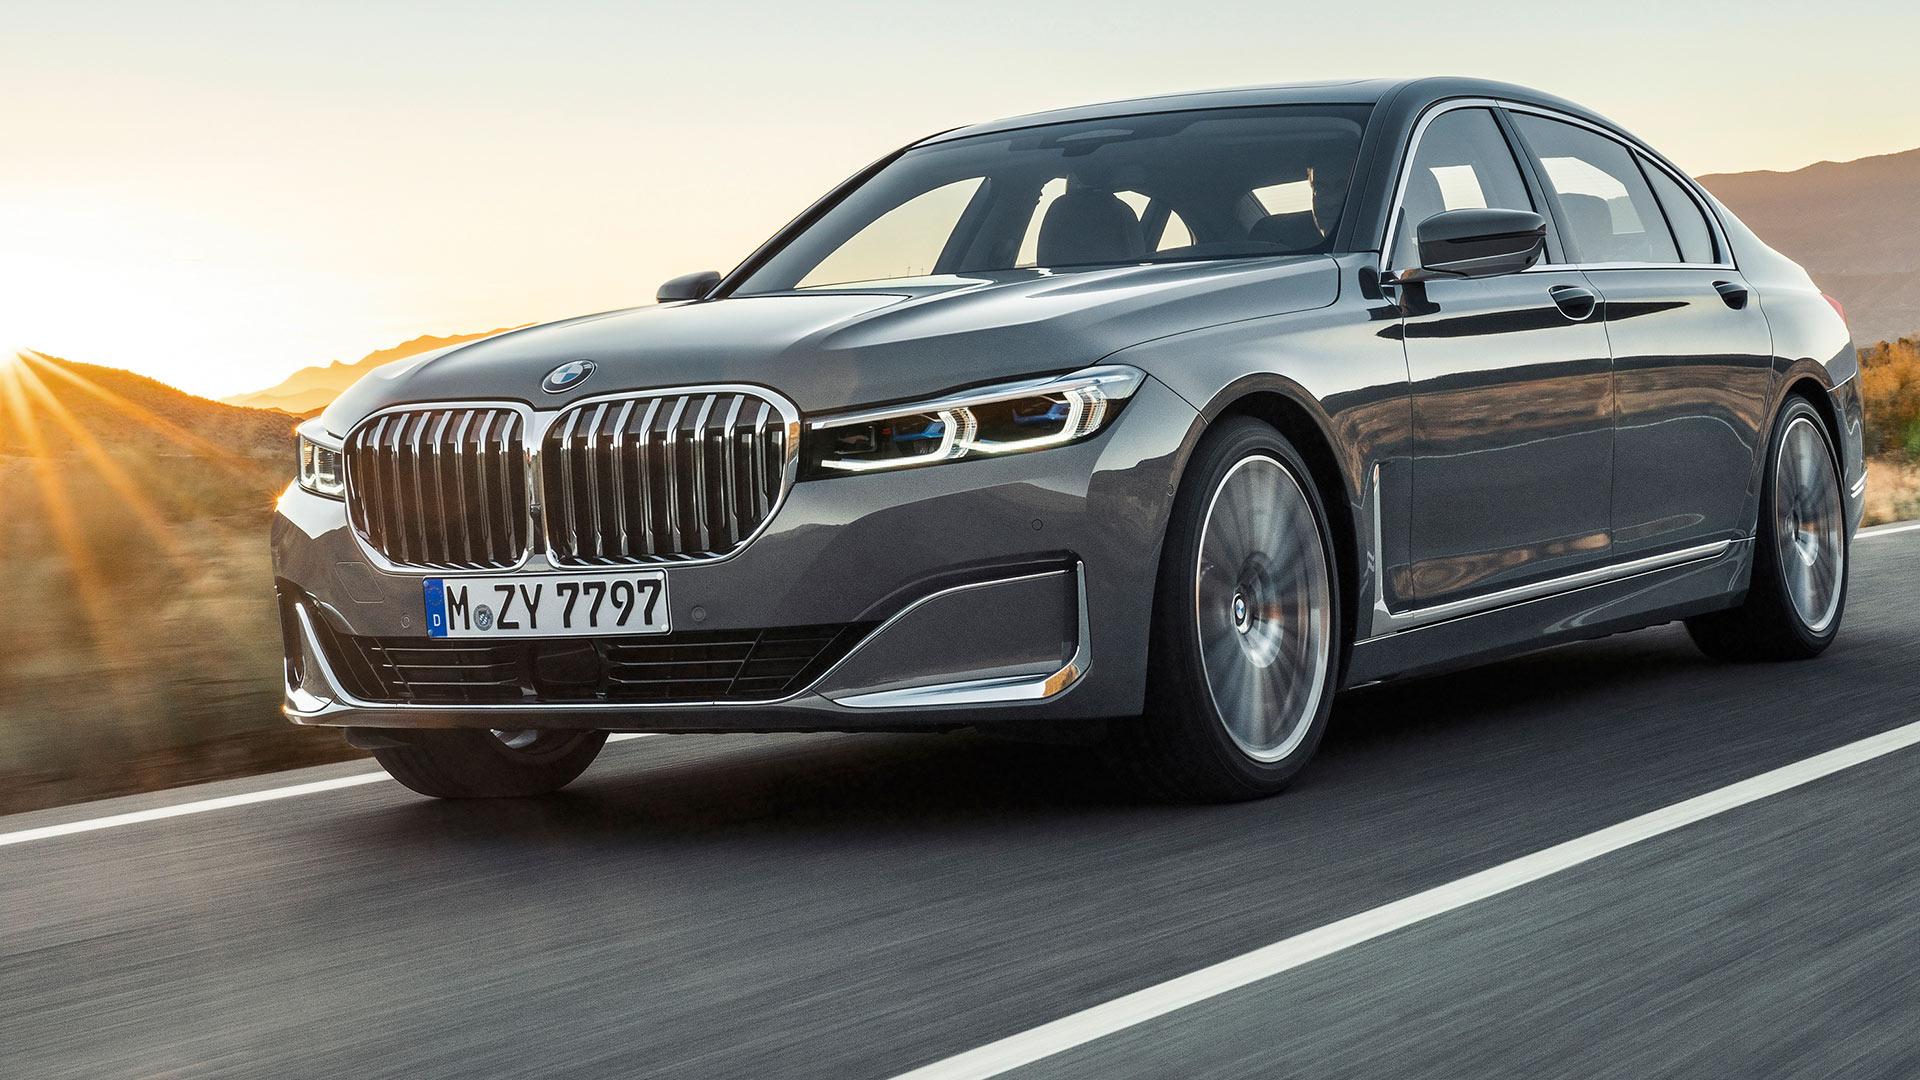 THACO giới thiệu trực tuyến 10 sản phẩm BMW mới tại Việt Nam